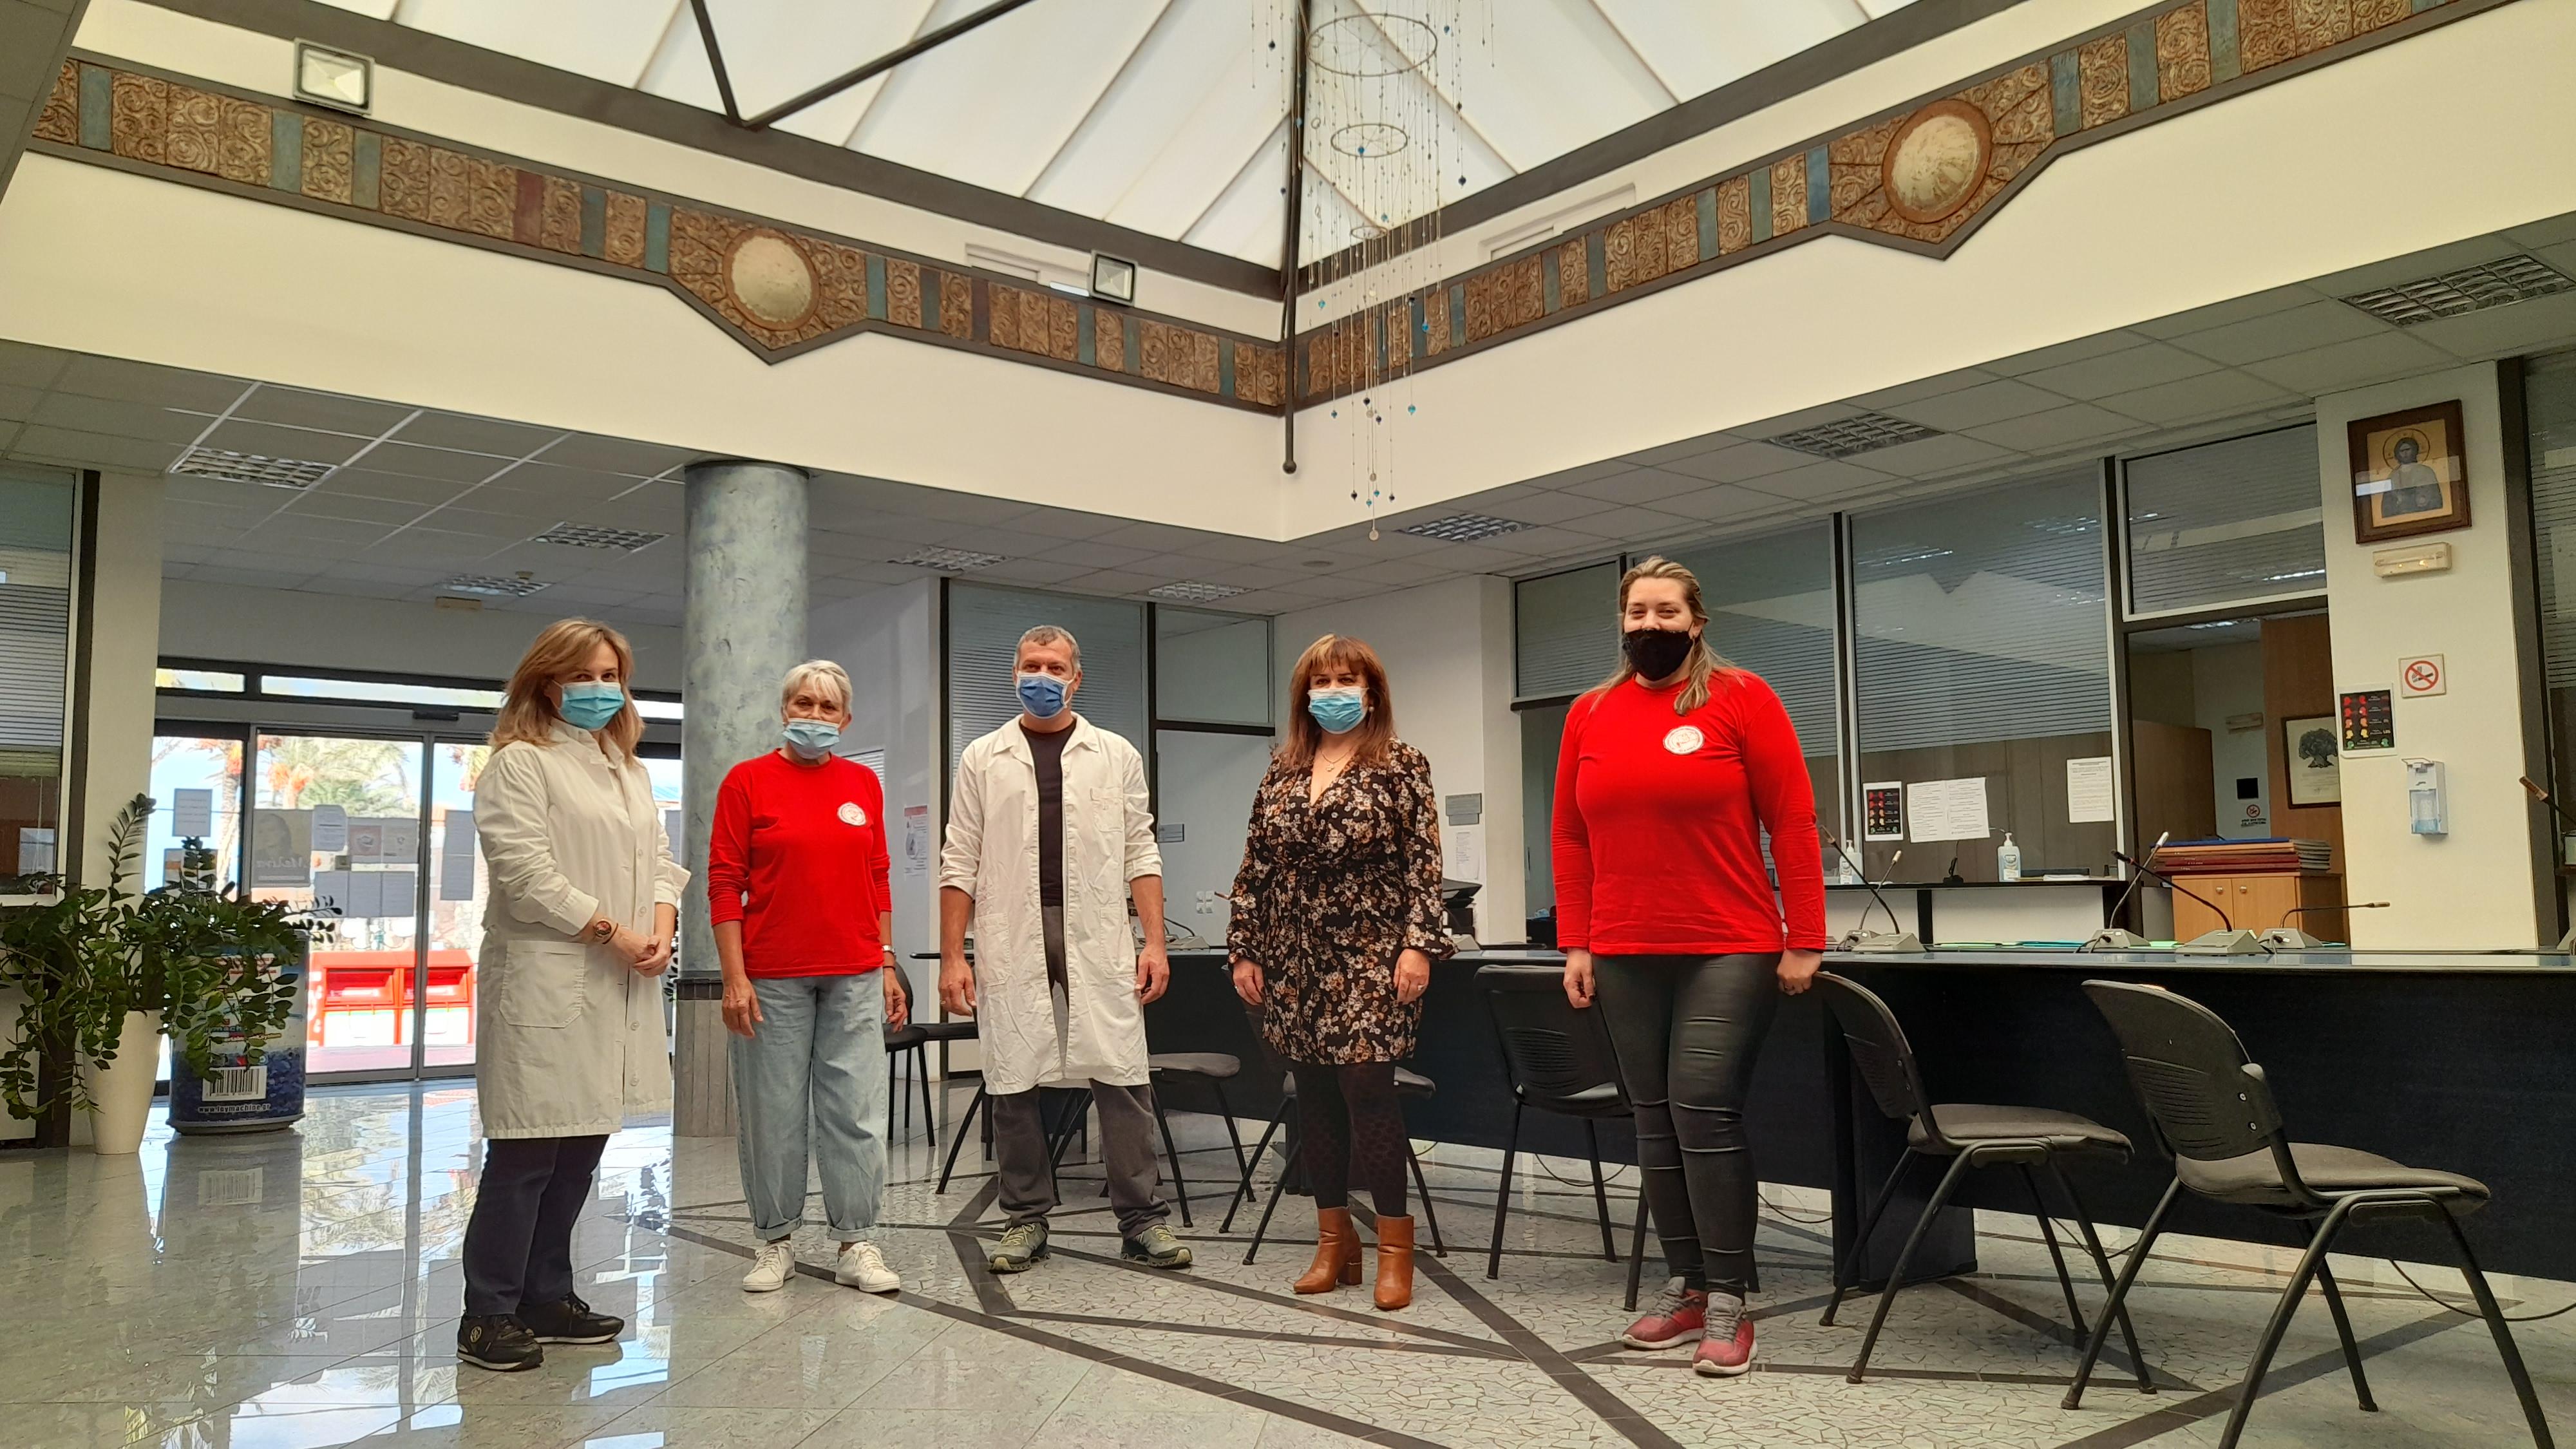 Επιτυχημένη εθελοντική αιμοδοσία στο δημαρχείο Πλατανιά